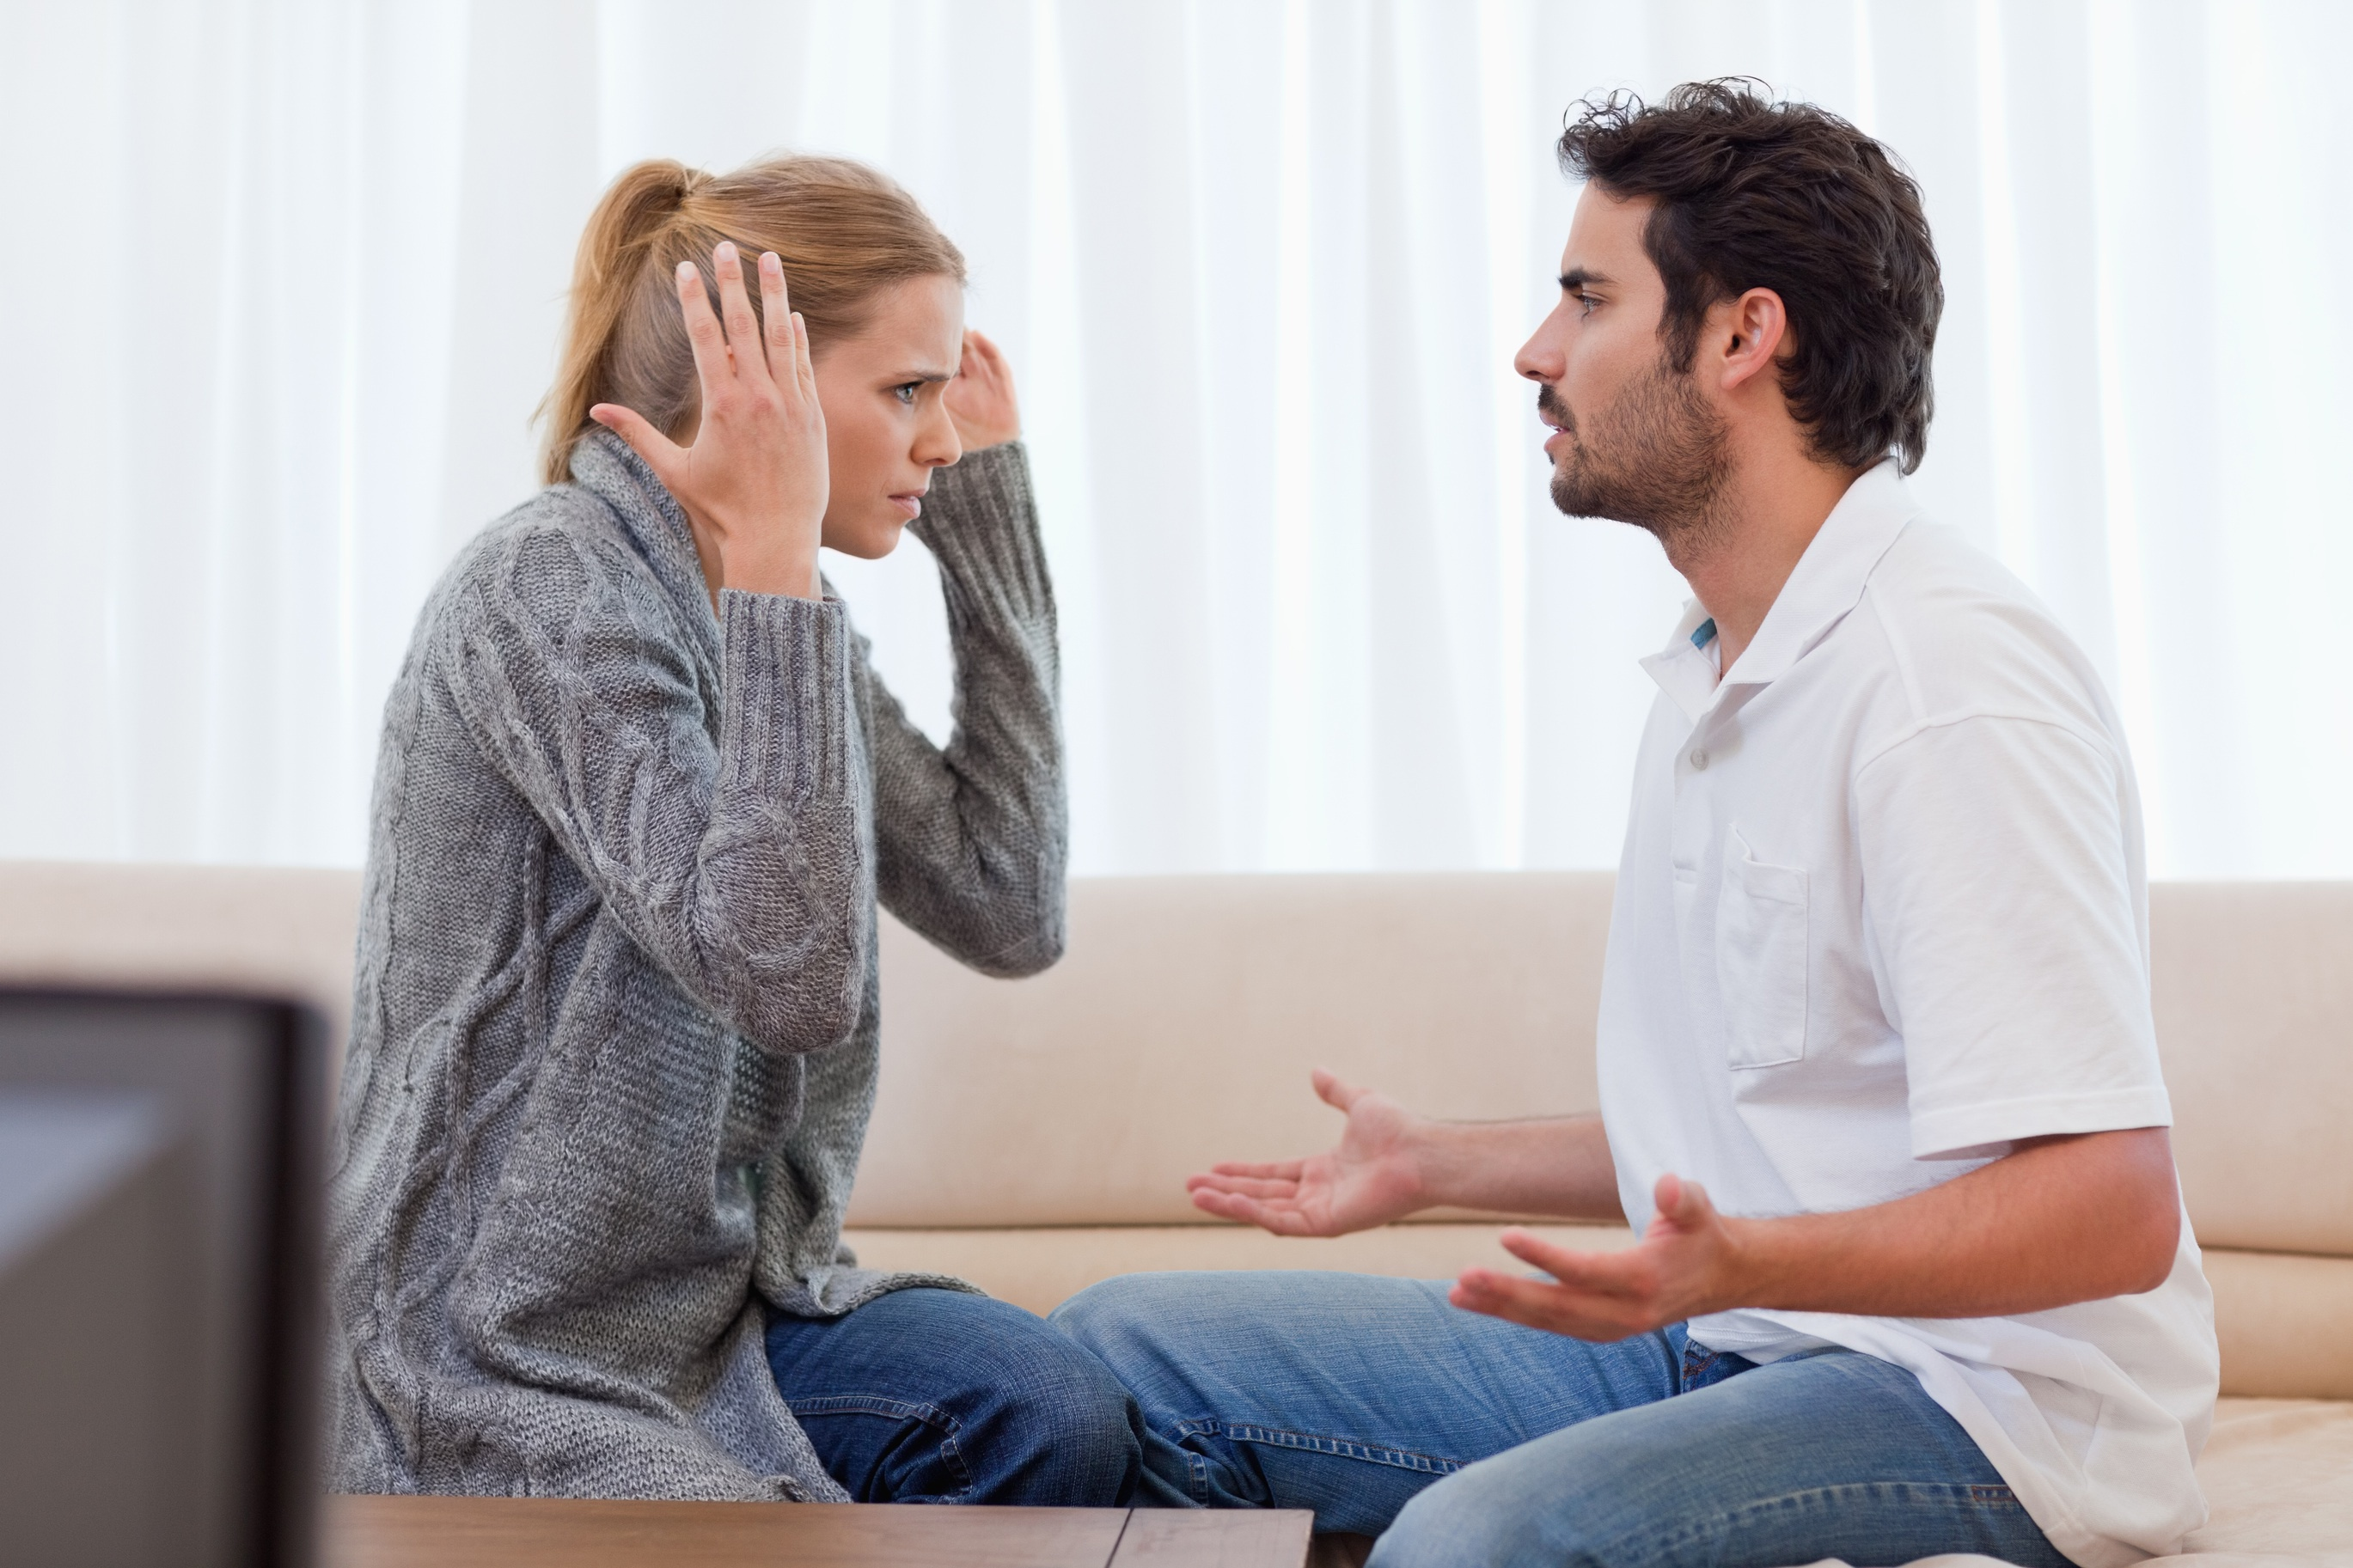 dating în timp ce trăiesc încă cu părinții